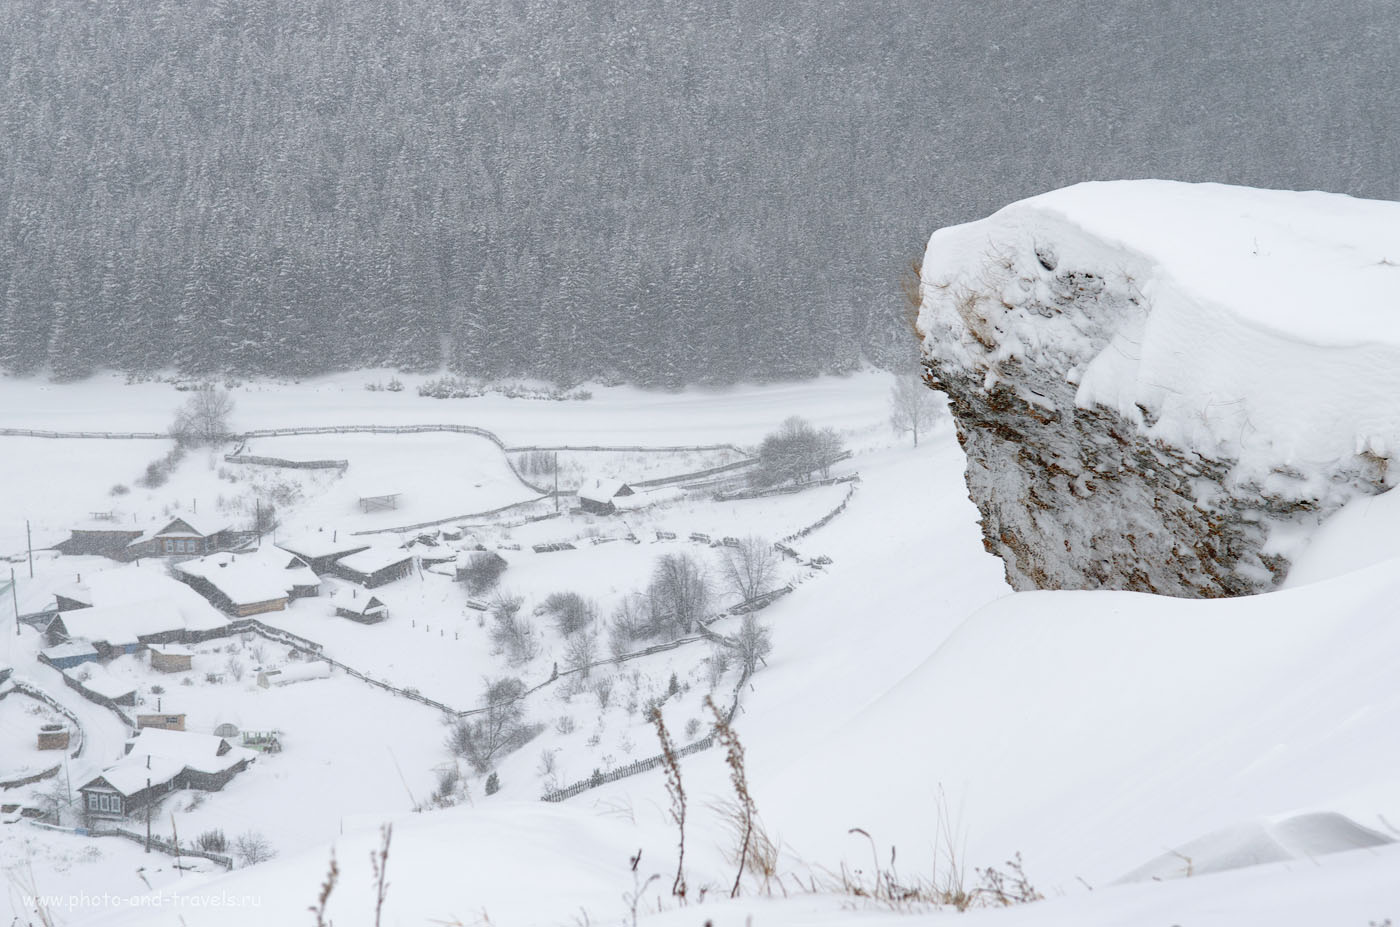 Фотография 24. Вид с горы на околицу деревни Нижнеиргинское. Зима (настройки камеры Nikon D5100: 1/100 сек, 0 eV, приоритет диафрагмы, f/8, 52 мм, 160; объектив Nikon 17-55mm f/2.8G)